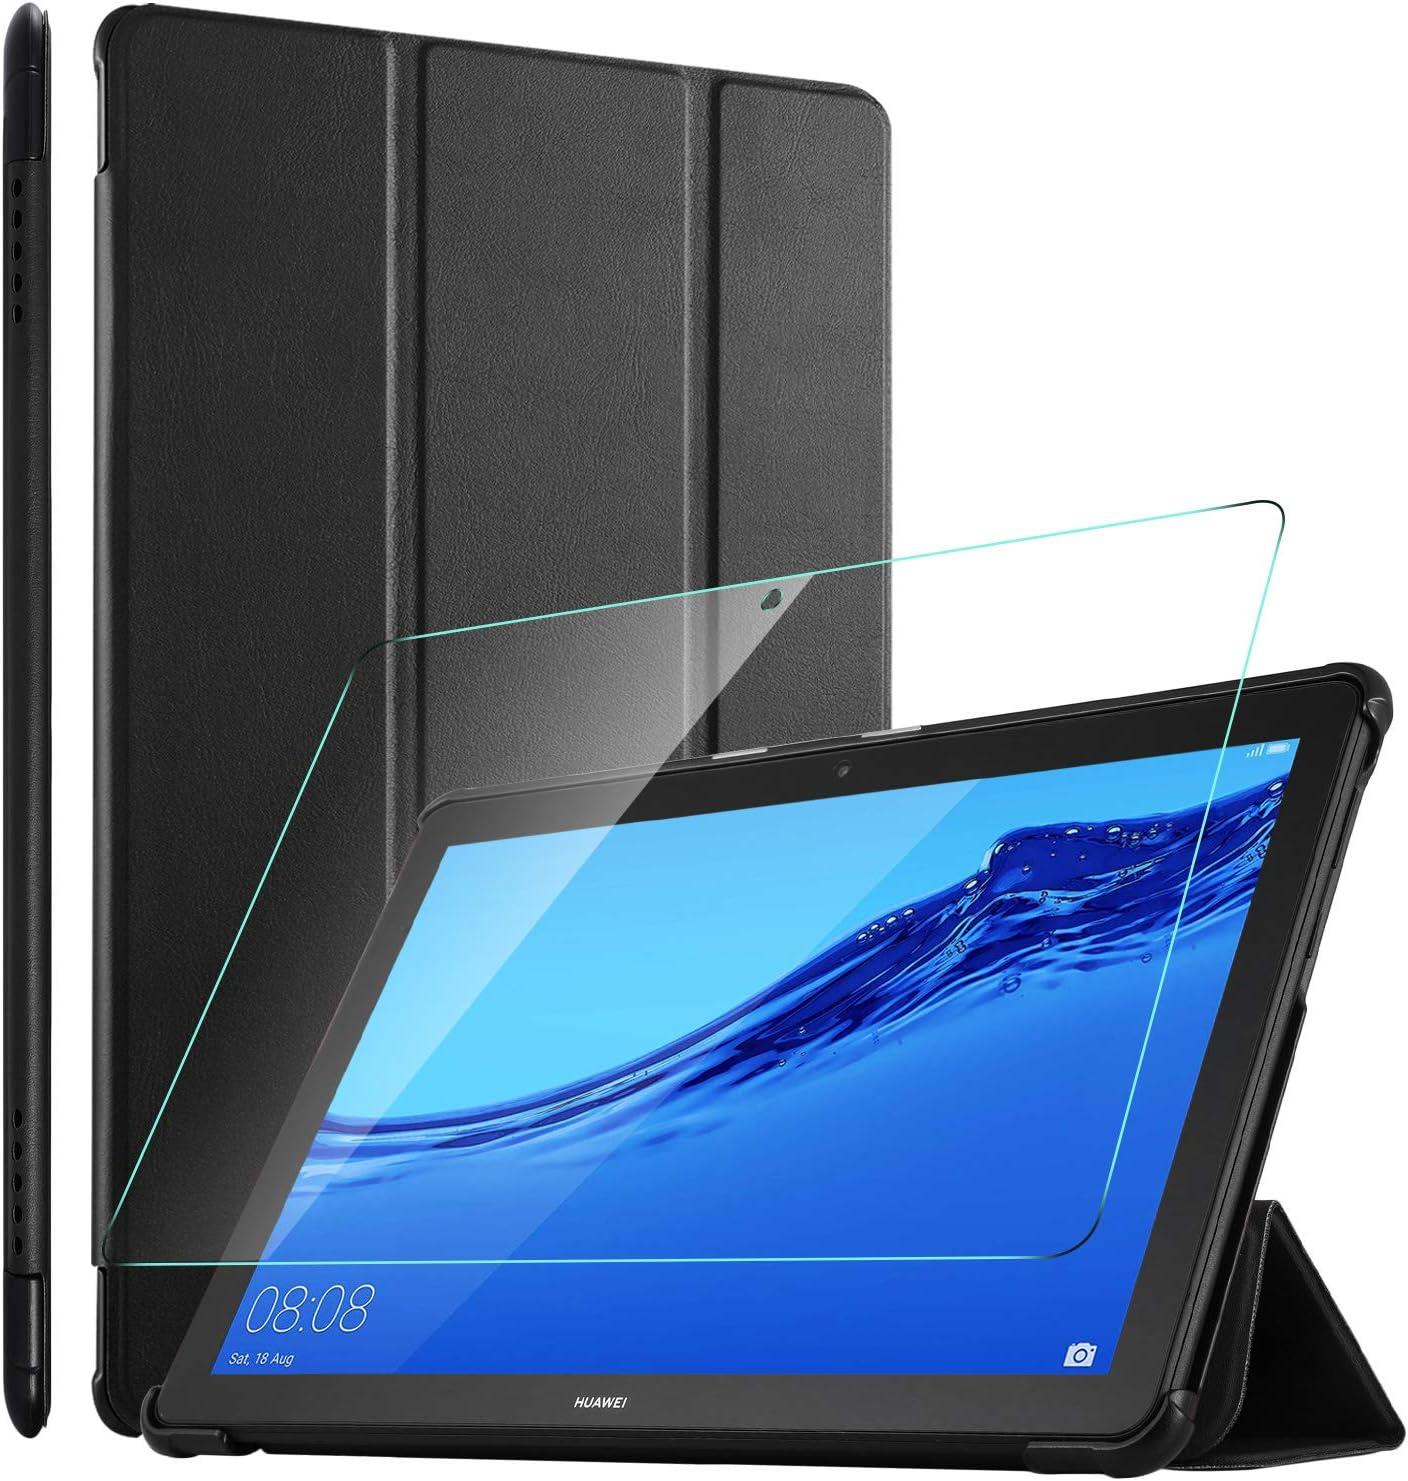 ELTD Funda + Protector Pantalla [combinación] para Huawei MediaPad T5 10 Pulgadas, Fundas Duras Case + Vidrio Templado Glass Film para MediaPad T5 10 10.1